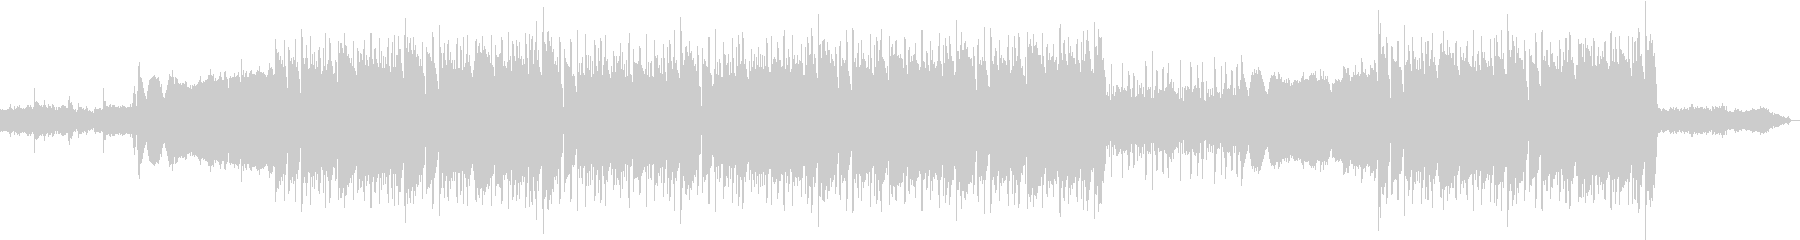 洋楽、重低音の808ベース、トラップの未再生の波形